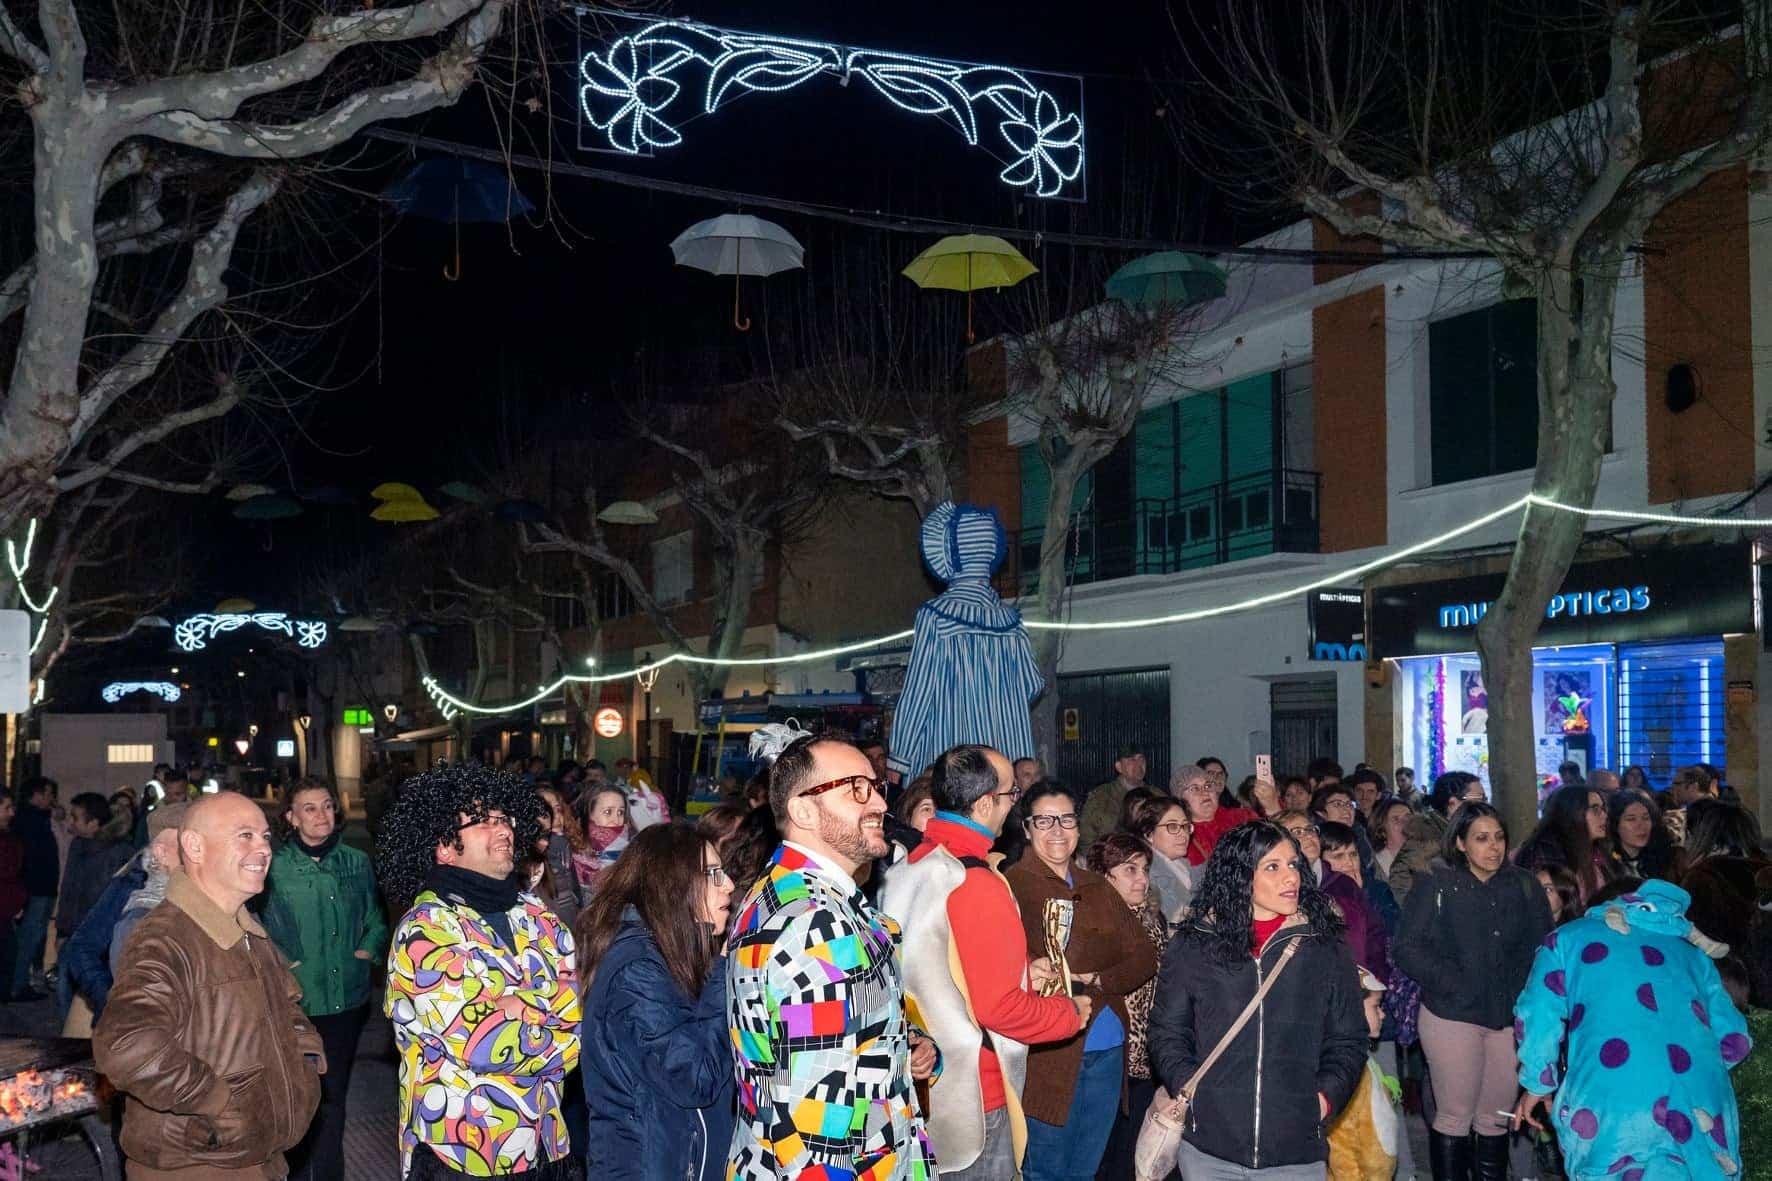 carnaval herencia 2020 viernes prisillas 4 - Viernes de Prisillas 2020 del Carnaval en imágenes